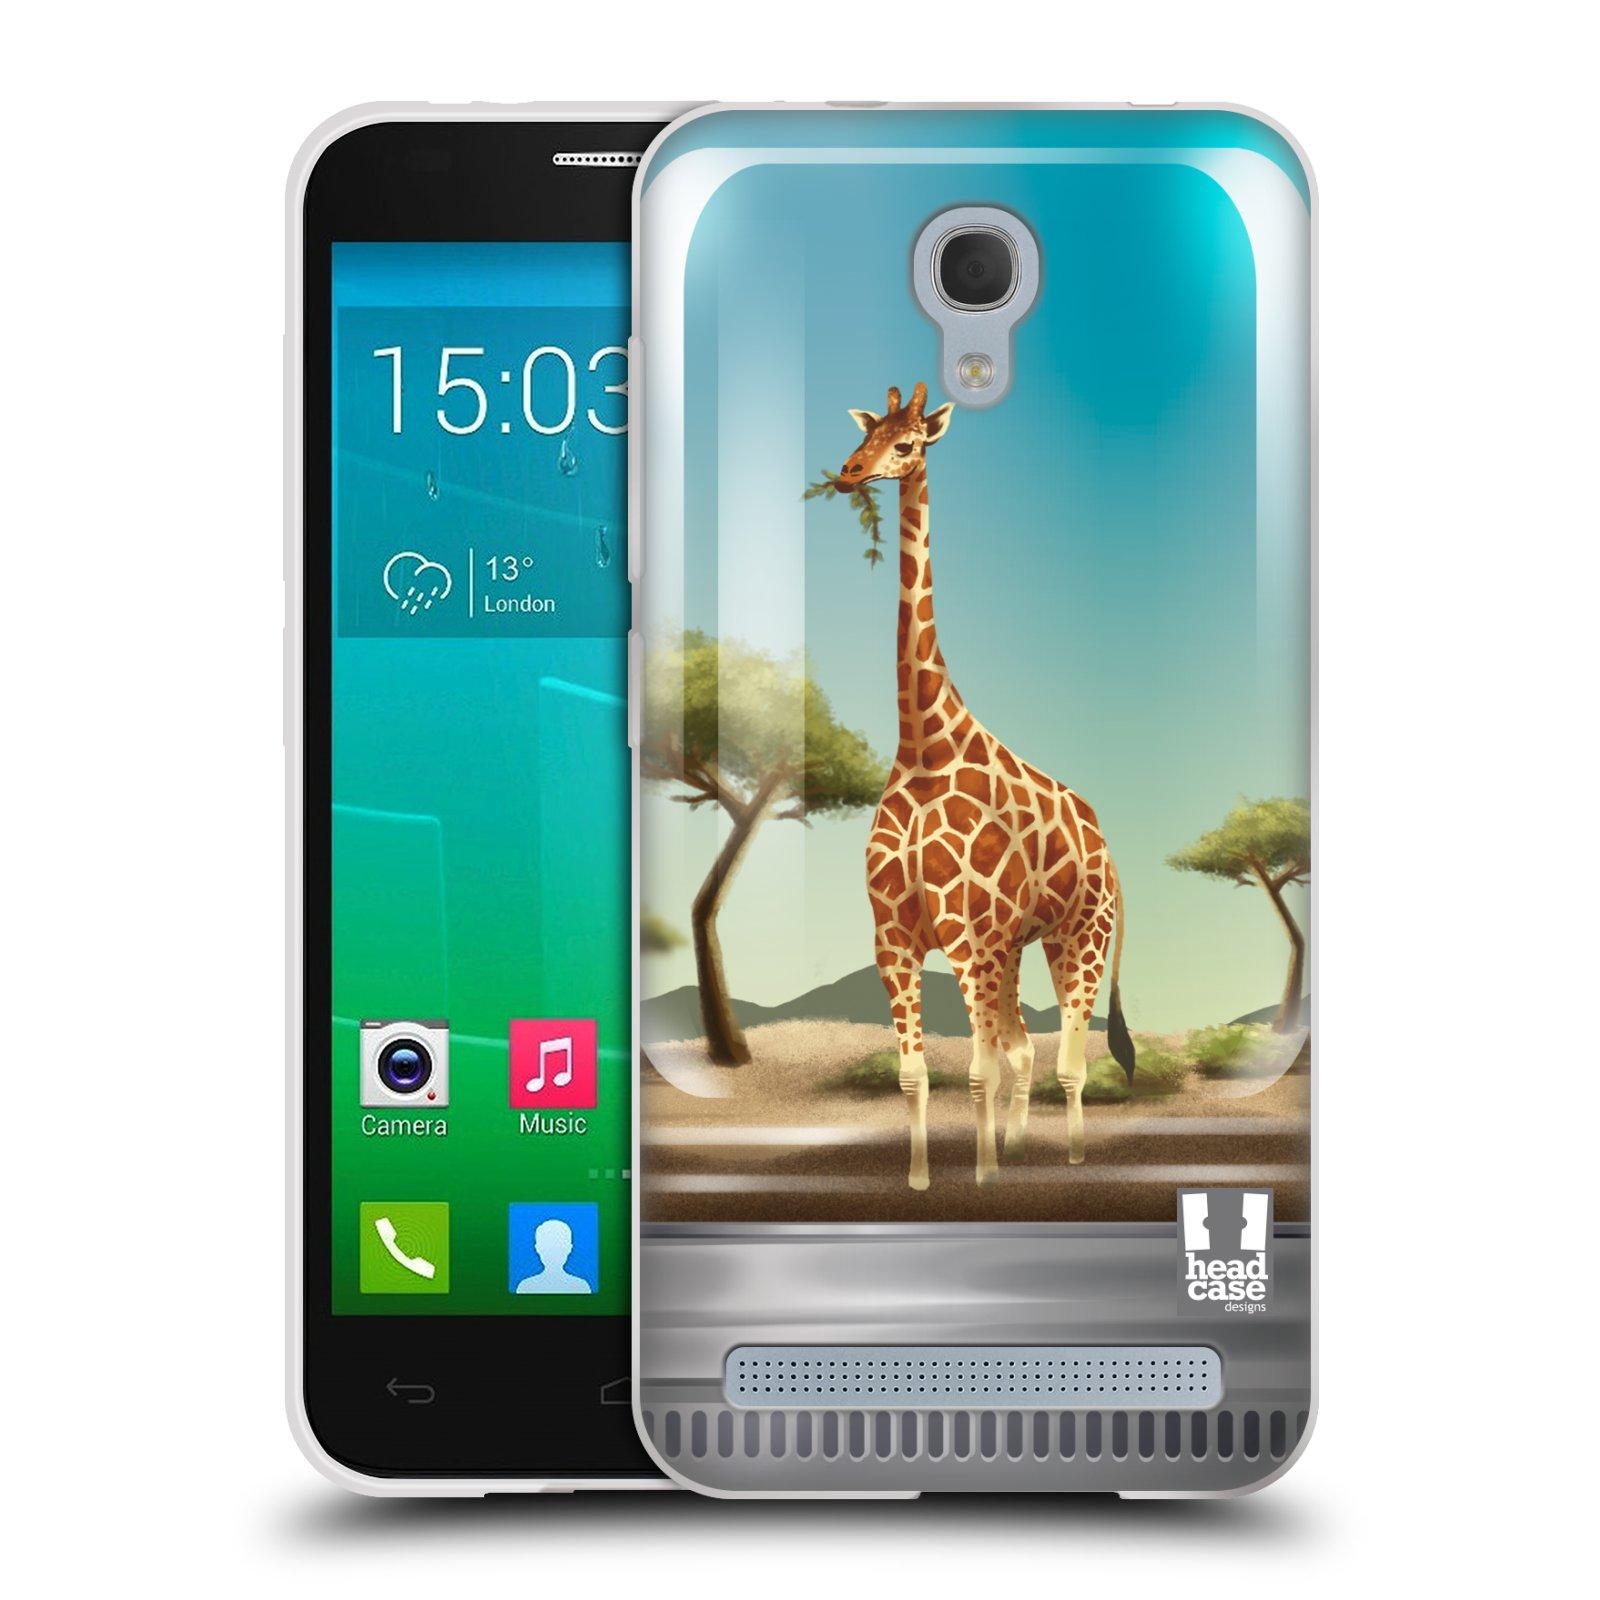 HEAD CASE silikonový obal na mobil Alcatel Idol 2 MINI S 6036Y vzor Zvířátka v těžítku žirafa